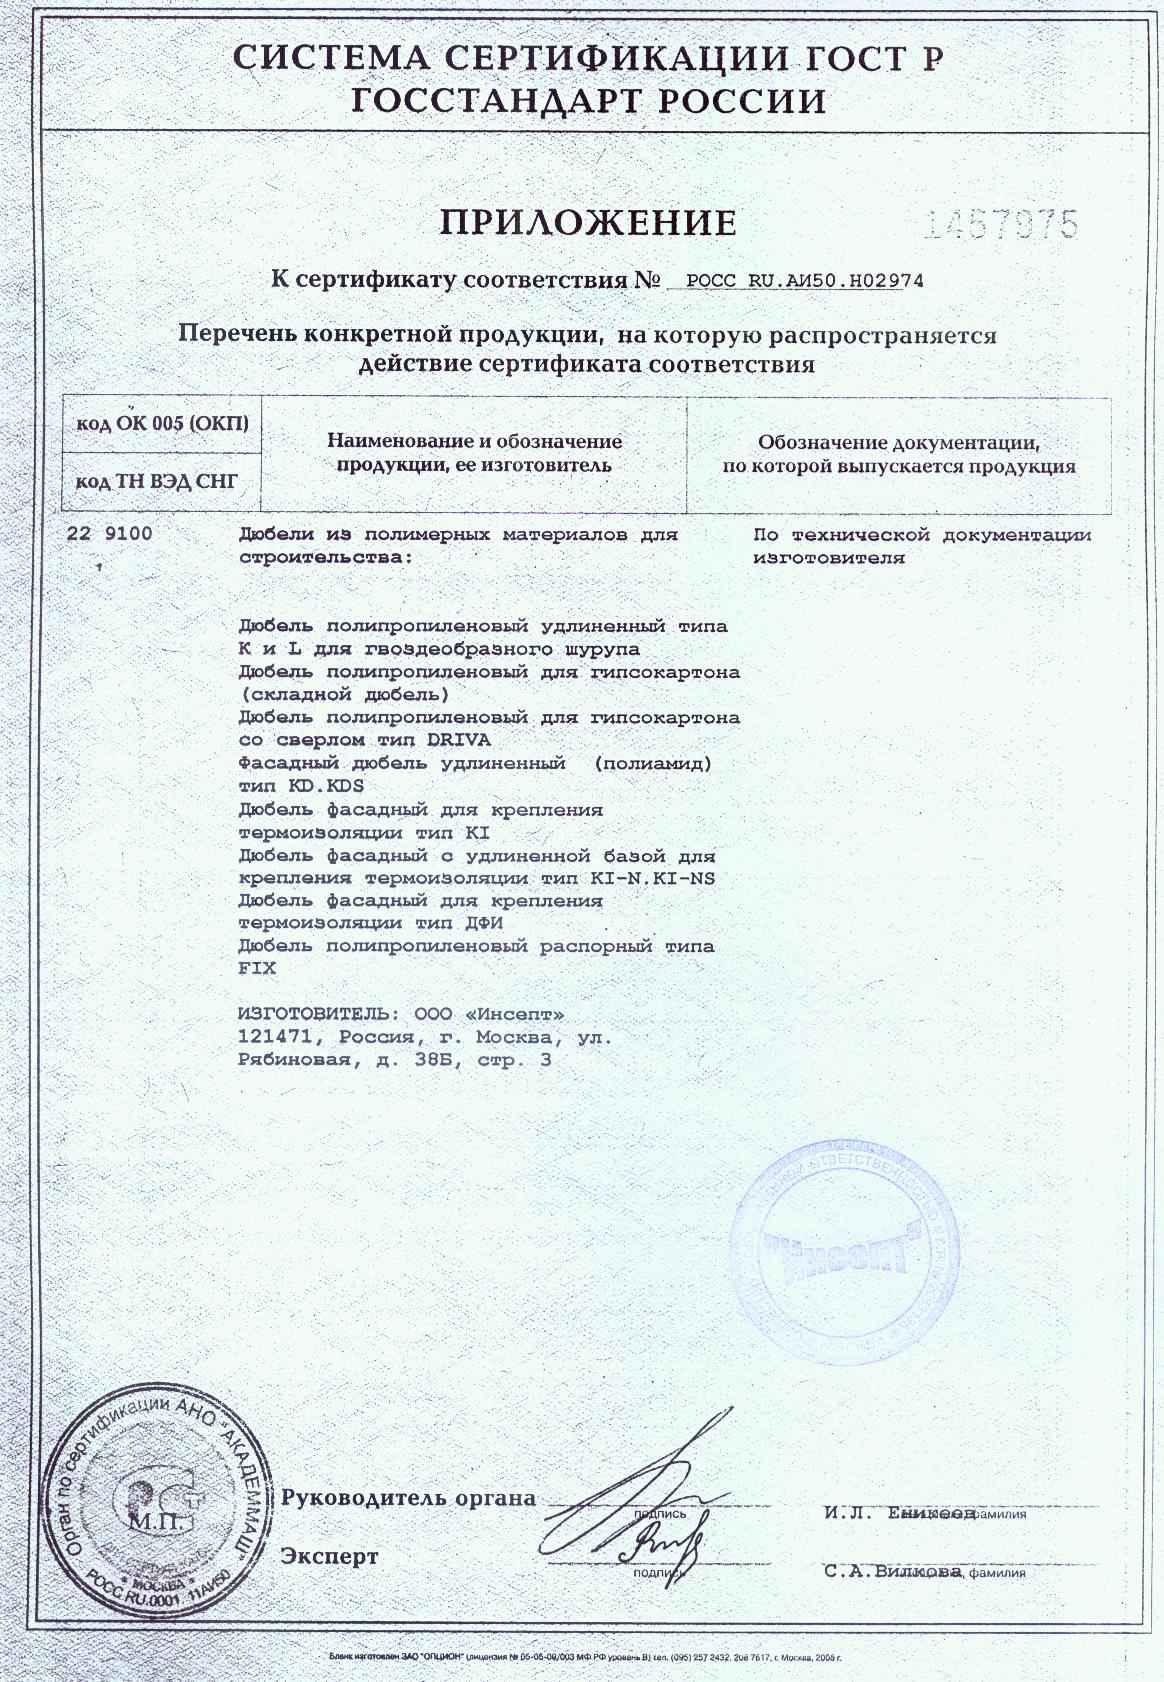 sochinenie-poshuki-u-drami-raskidanae-gnyazdo-shlyahou-da-shchastsya-geroyami